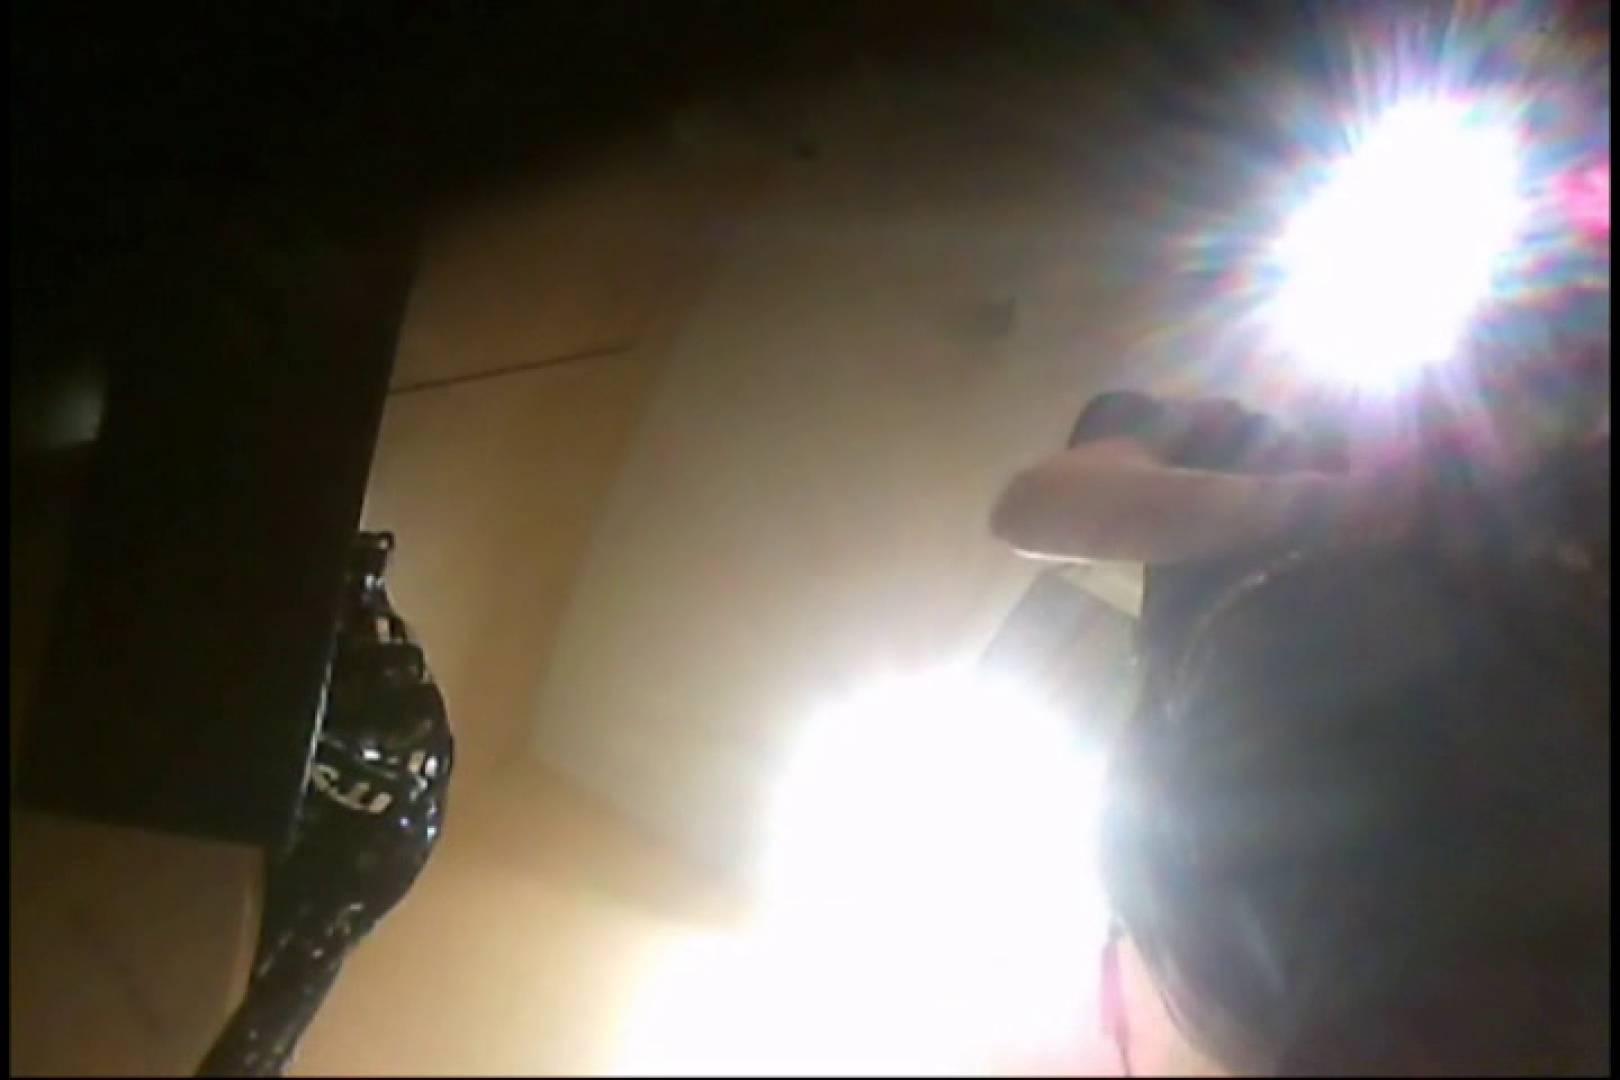 画質向上!新亀さん厠 vol.60 無修正オマンコ のぞき動画画像 66画像 28